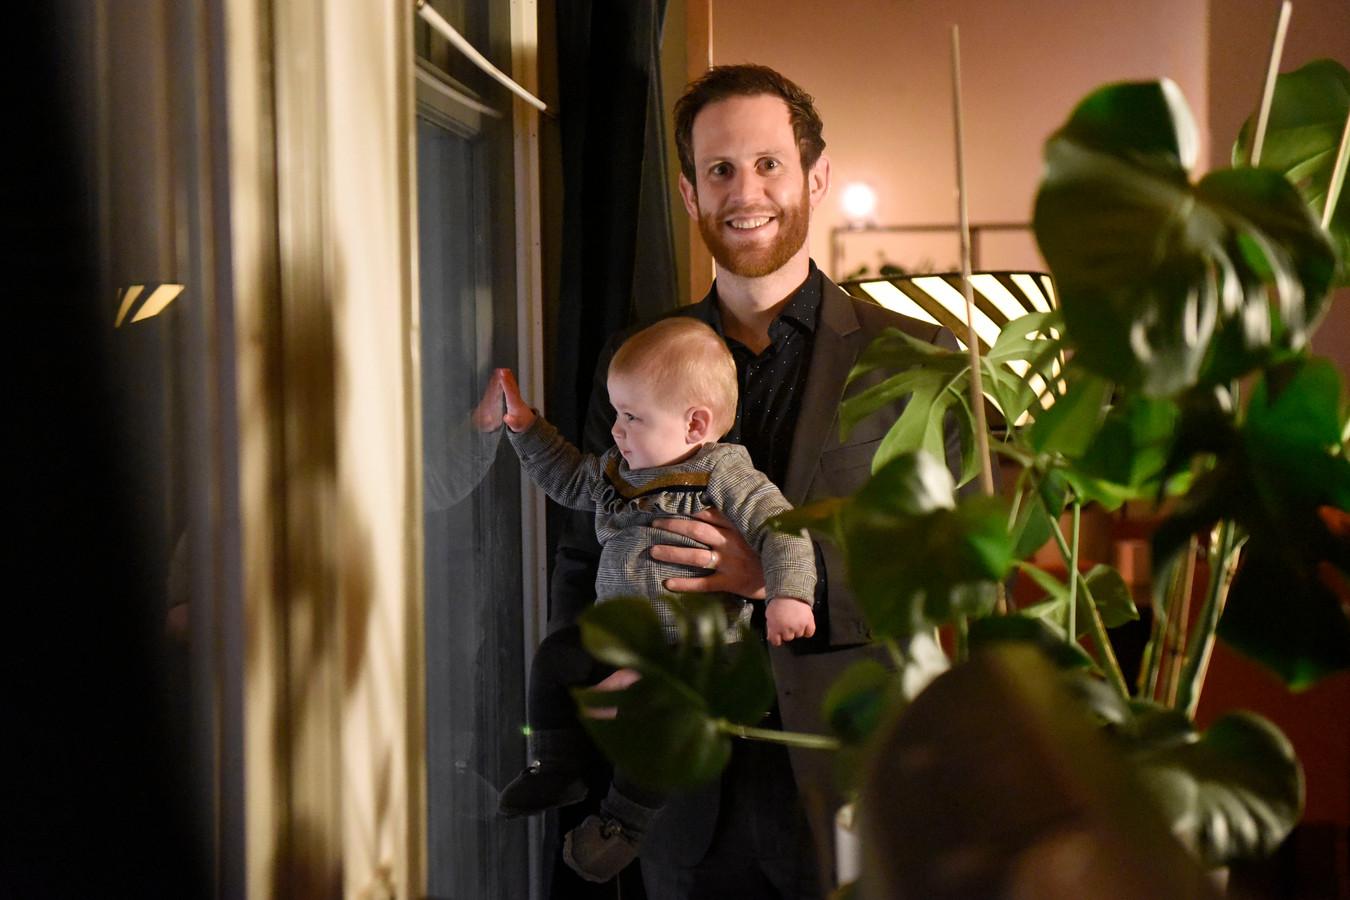 Raadslid Florian Bos met zijn dochter Feline (8 maanden) in de woonkamer van de bovenwoning aan de Voorstraat.